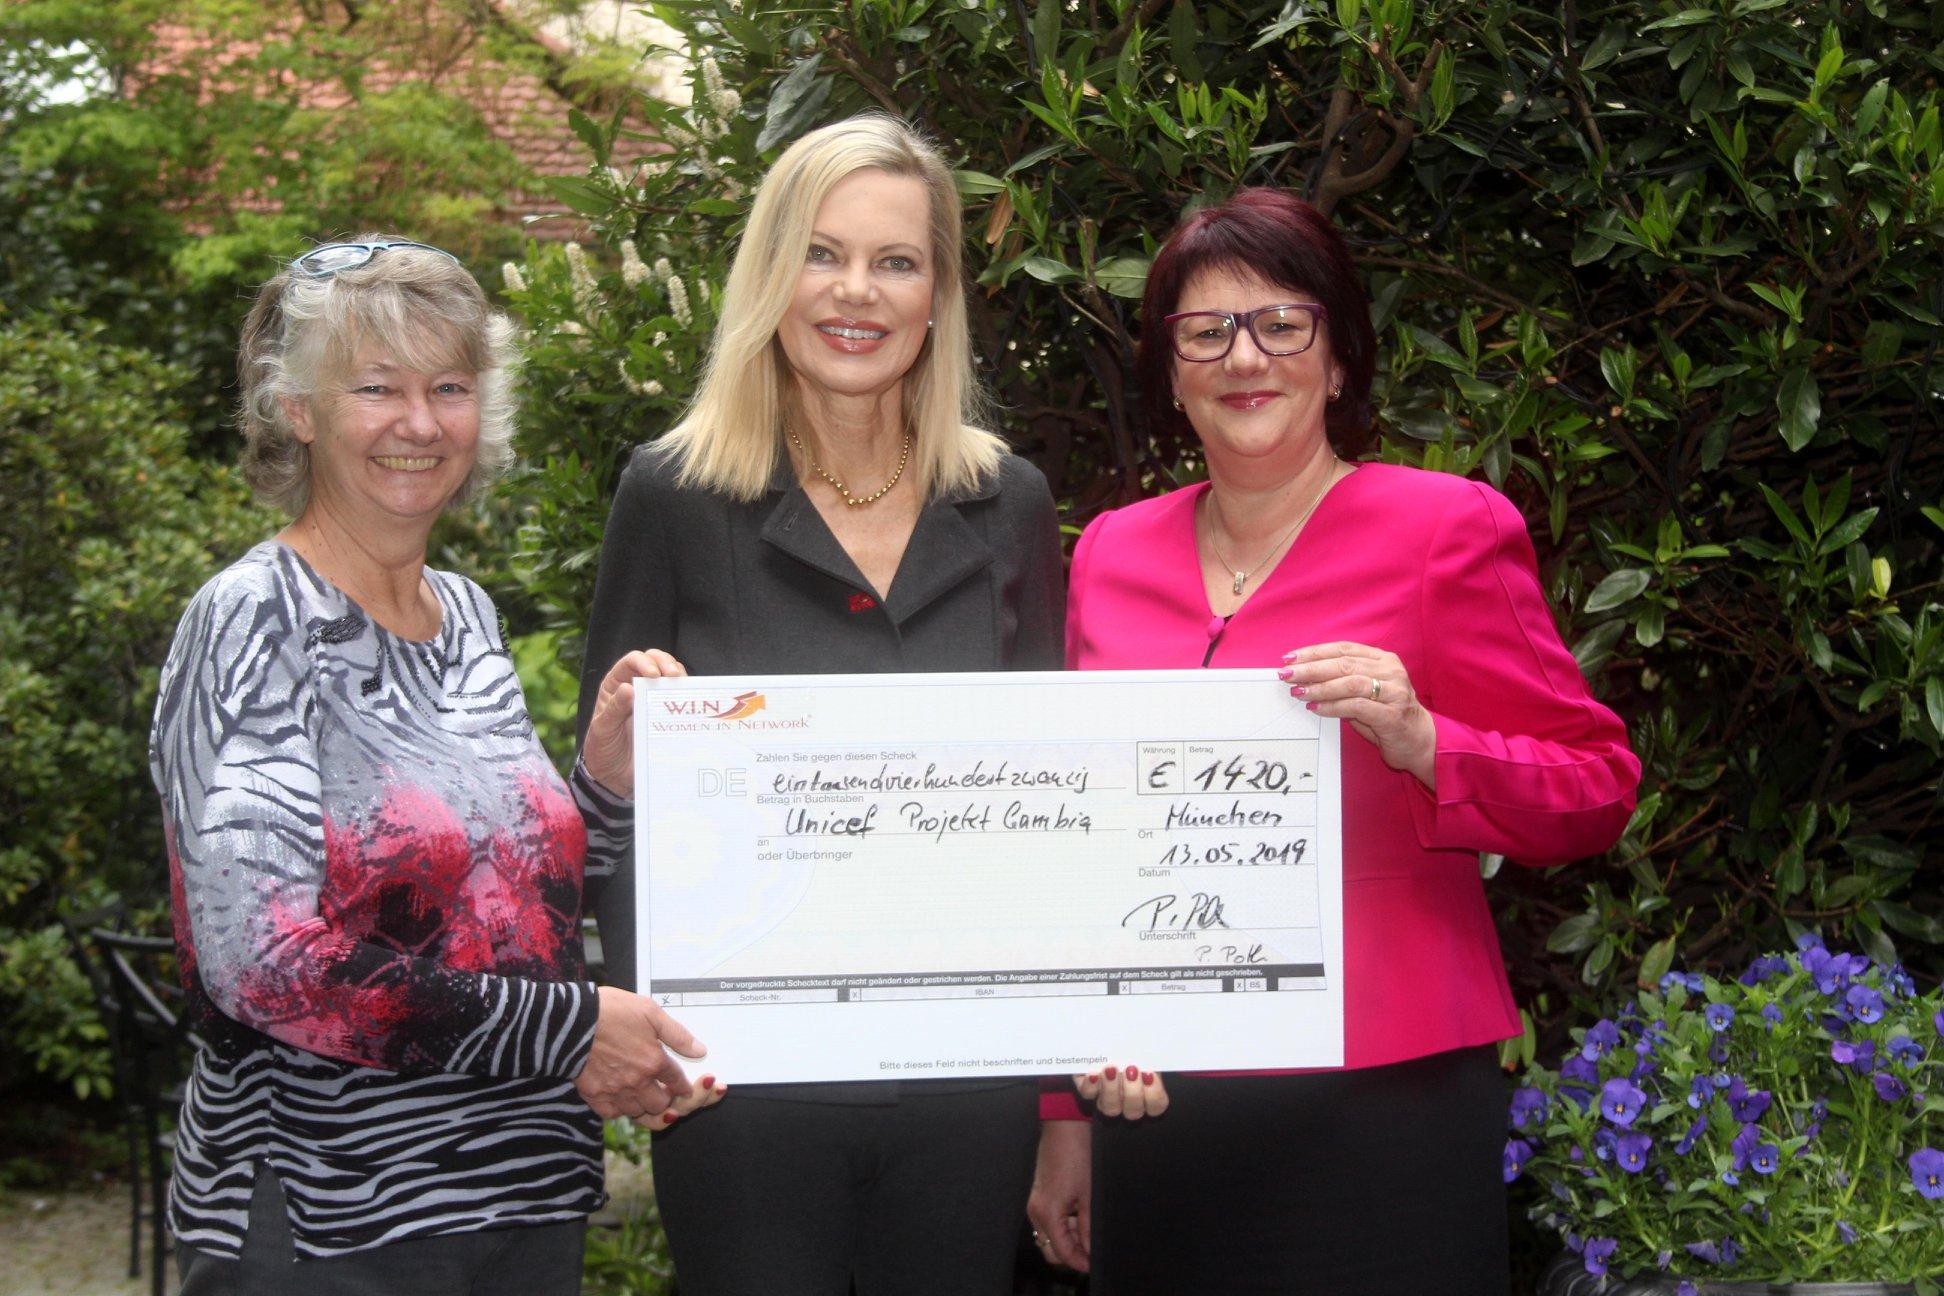 Nina Ruge erhält Scheck für Unicef